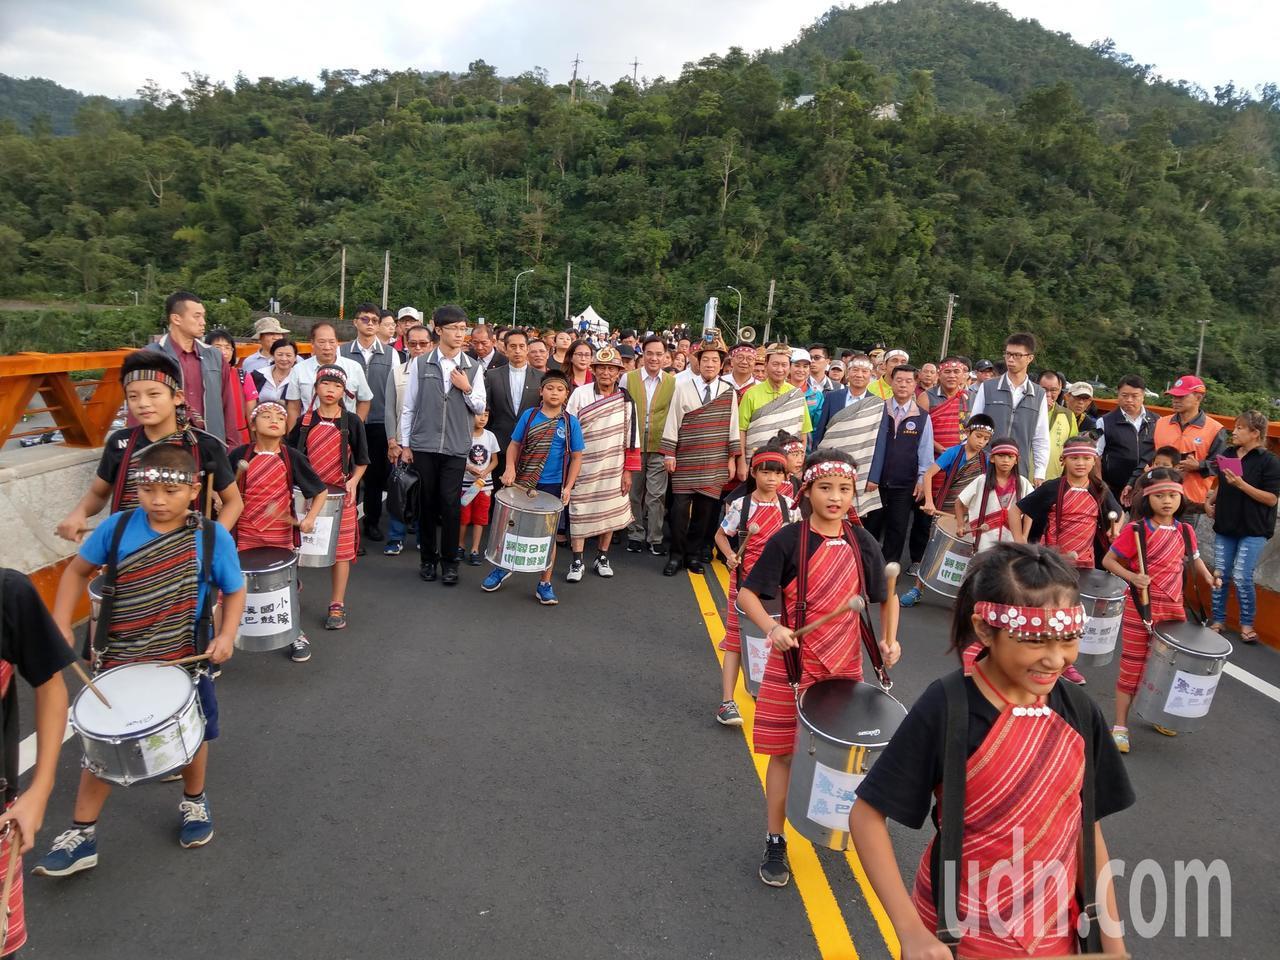 行政院長賴清德參加寒華大橋通車典禮,與族人共同步行通過新橋。記者戴永華/攝影